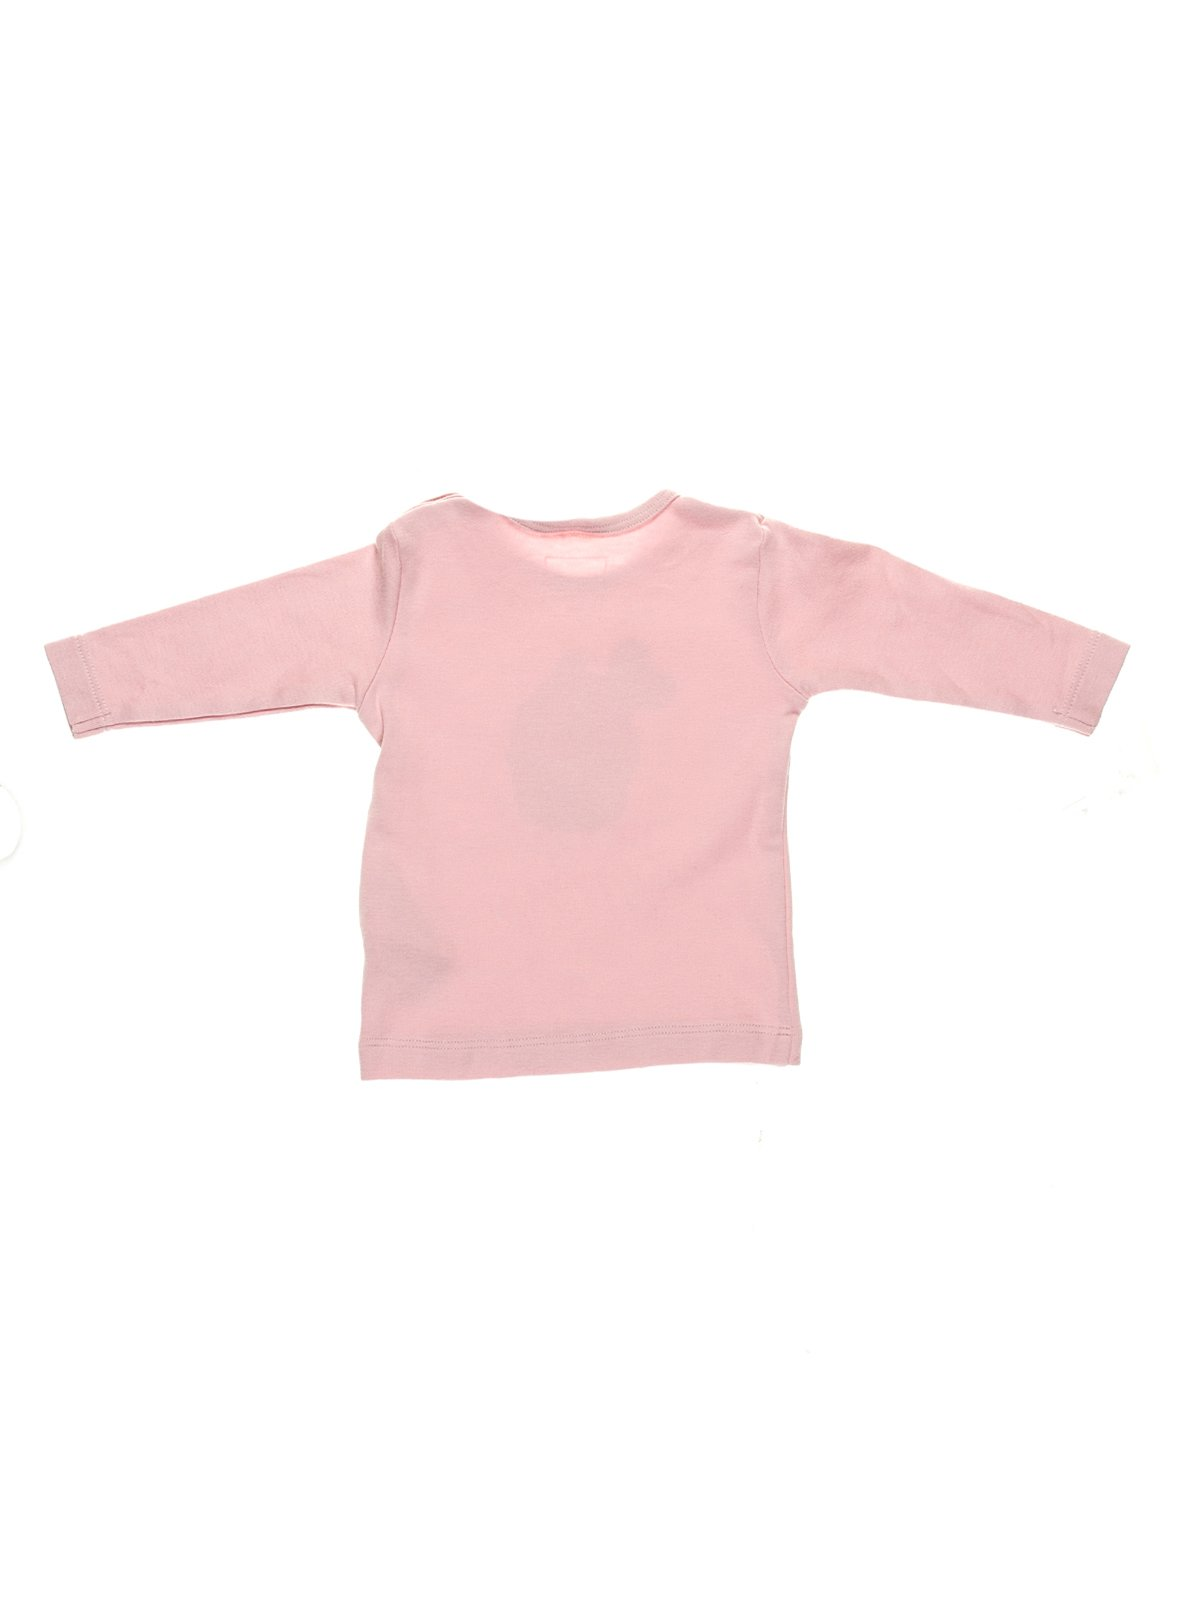 Лонгслів рожевий з принтом | 3147260 | фото 2